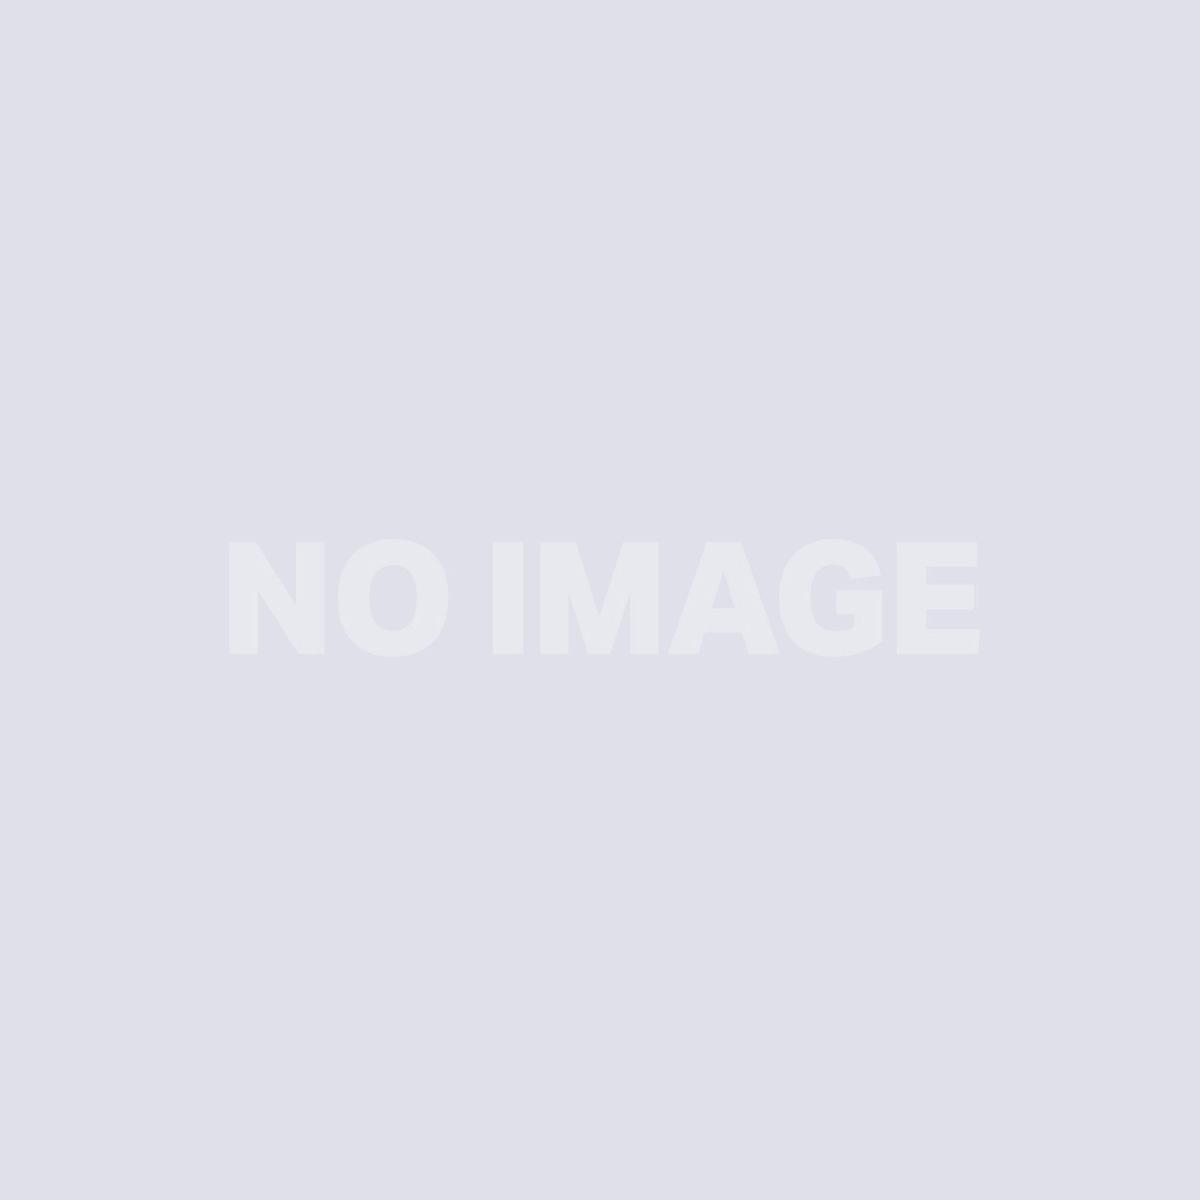 80/24 Black Polyamide Single Bolt Swivel Castor